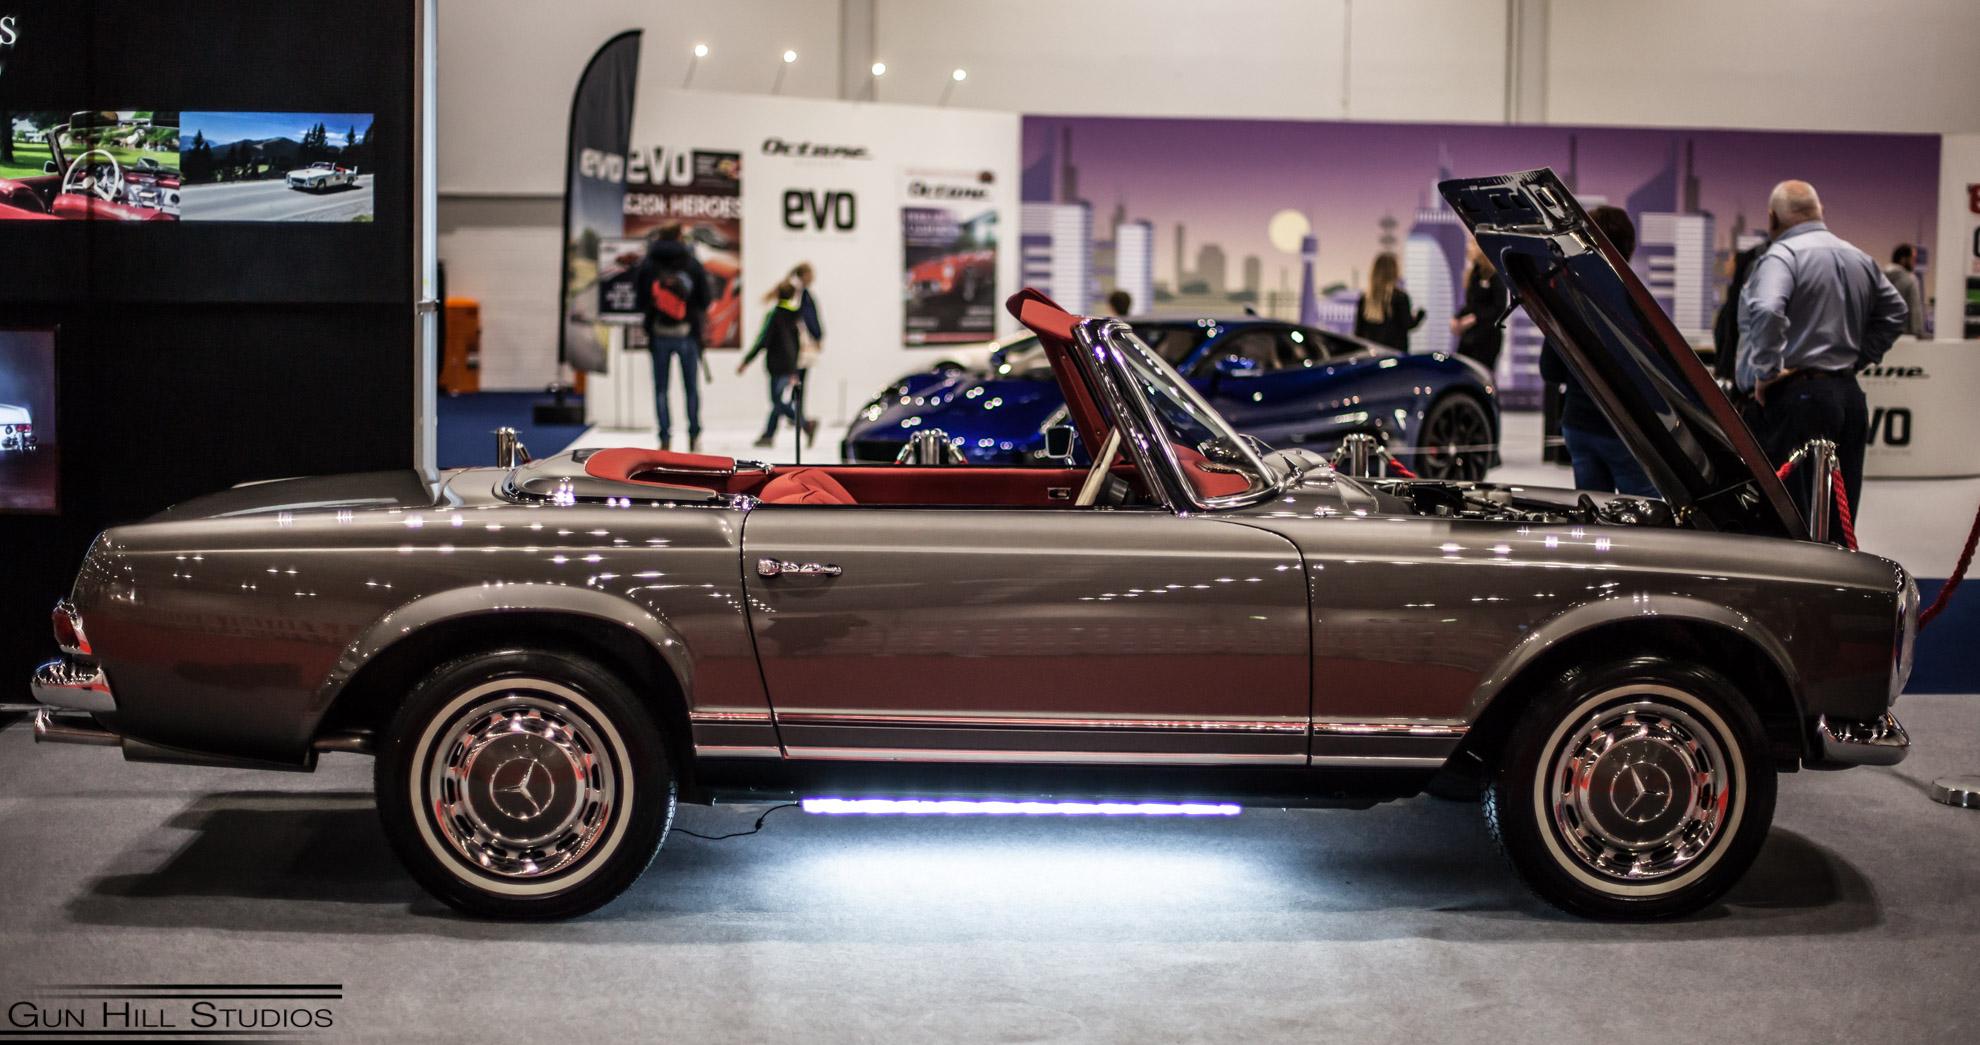 London classic car show - Hemmels